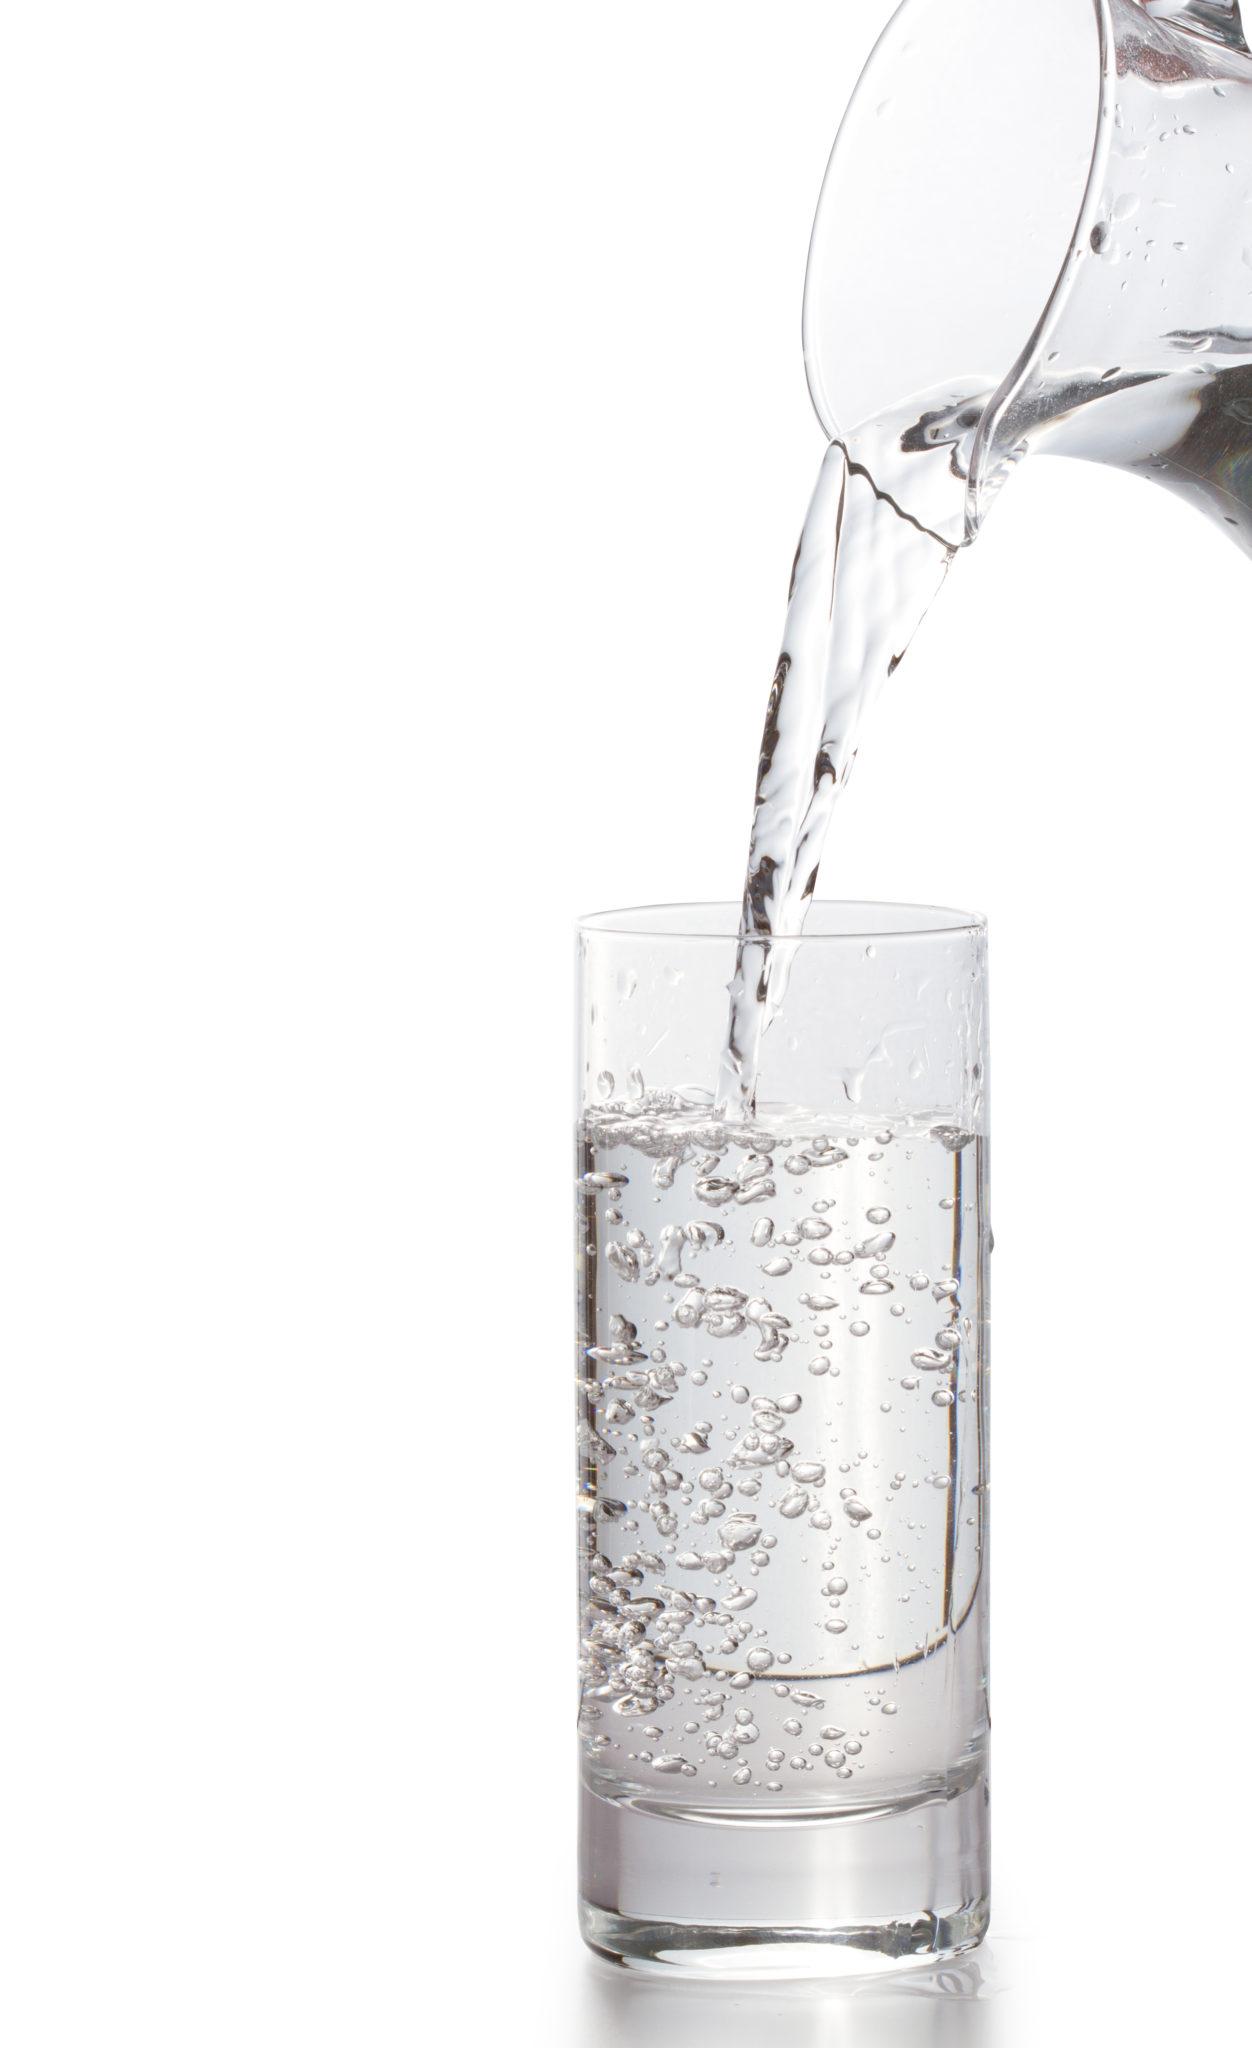 Volná a obsazená voda jsou klíčem k pochopení pitného režimu